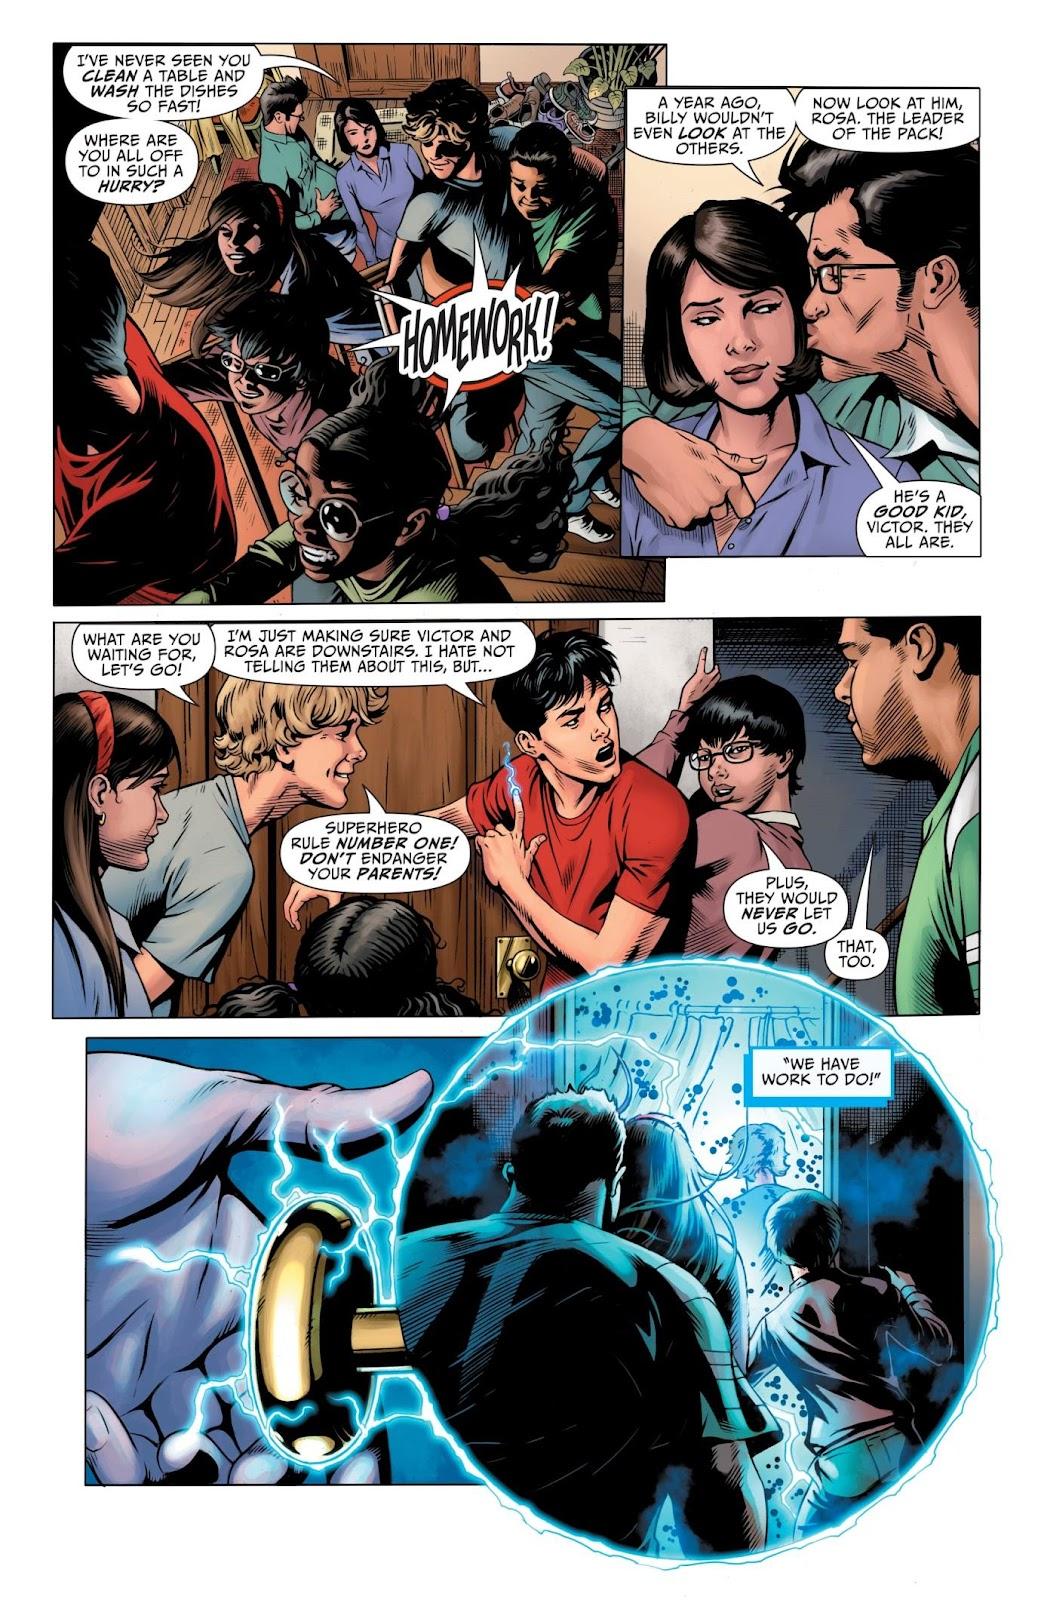 D:\Comics66\Shazam\shazam01\Shazam01pic\Shazam! (2018-) 001-014.jpg